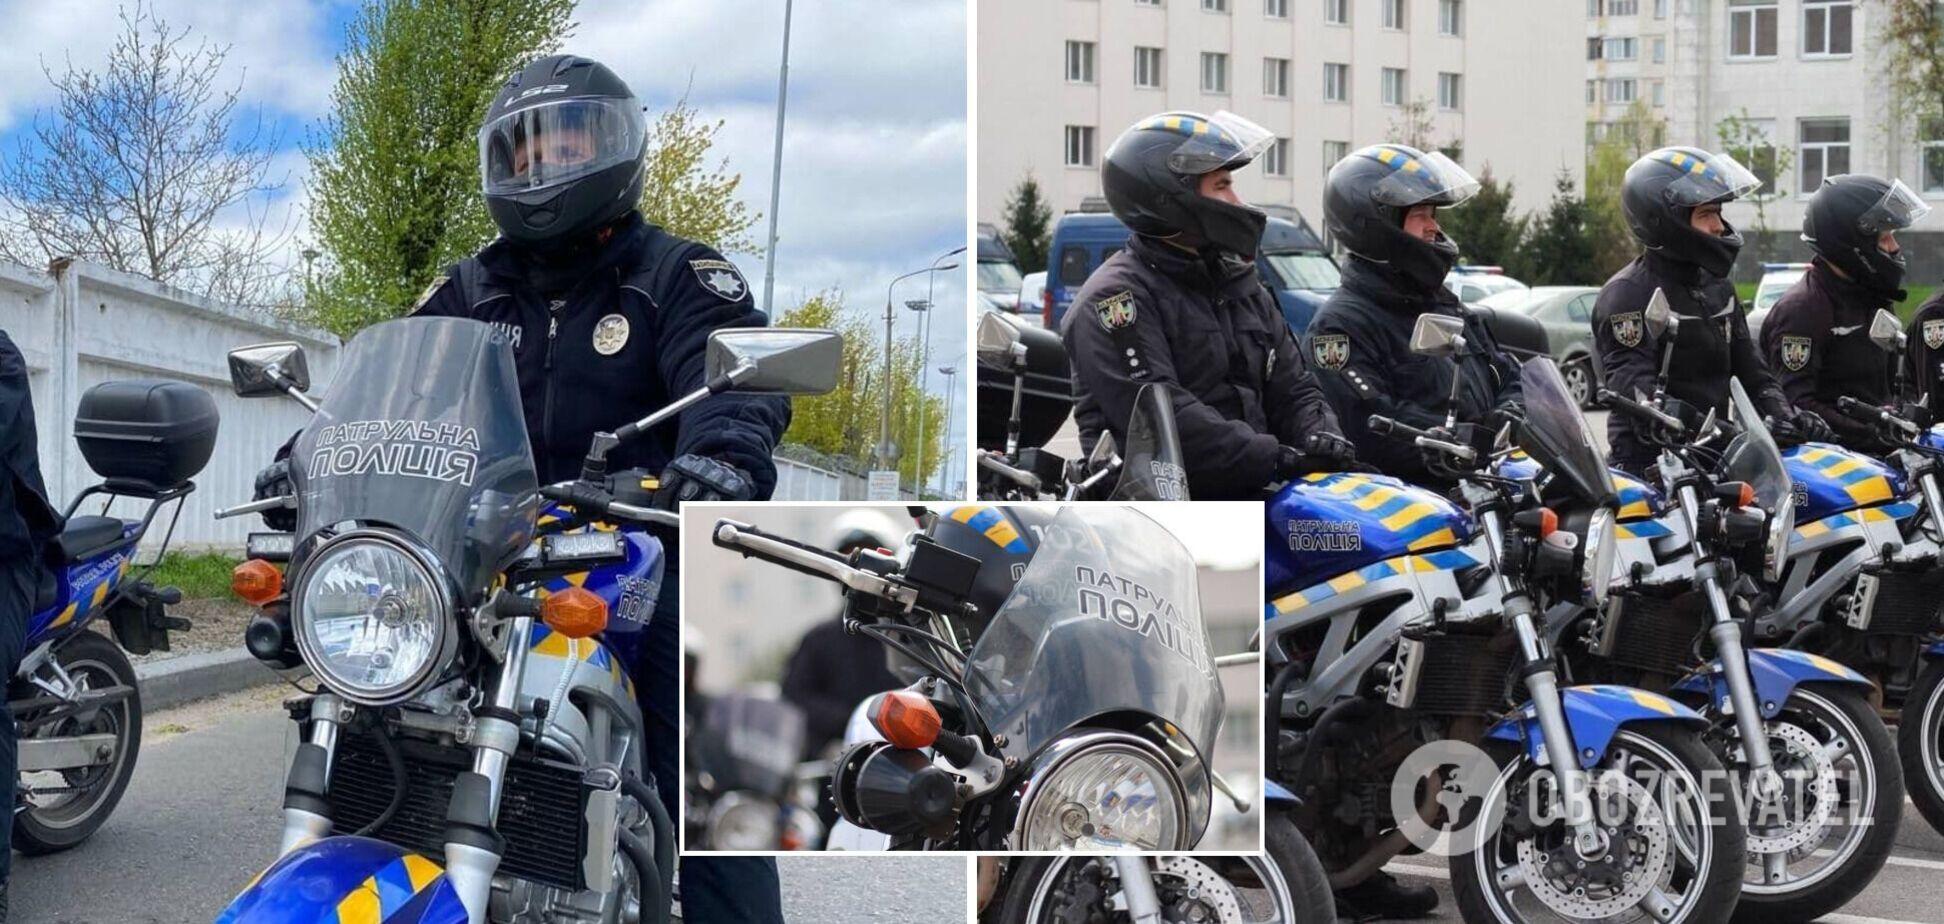 На вулиці Києва знову виїхали поліцейські на мотоциклах. Фото